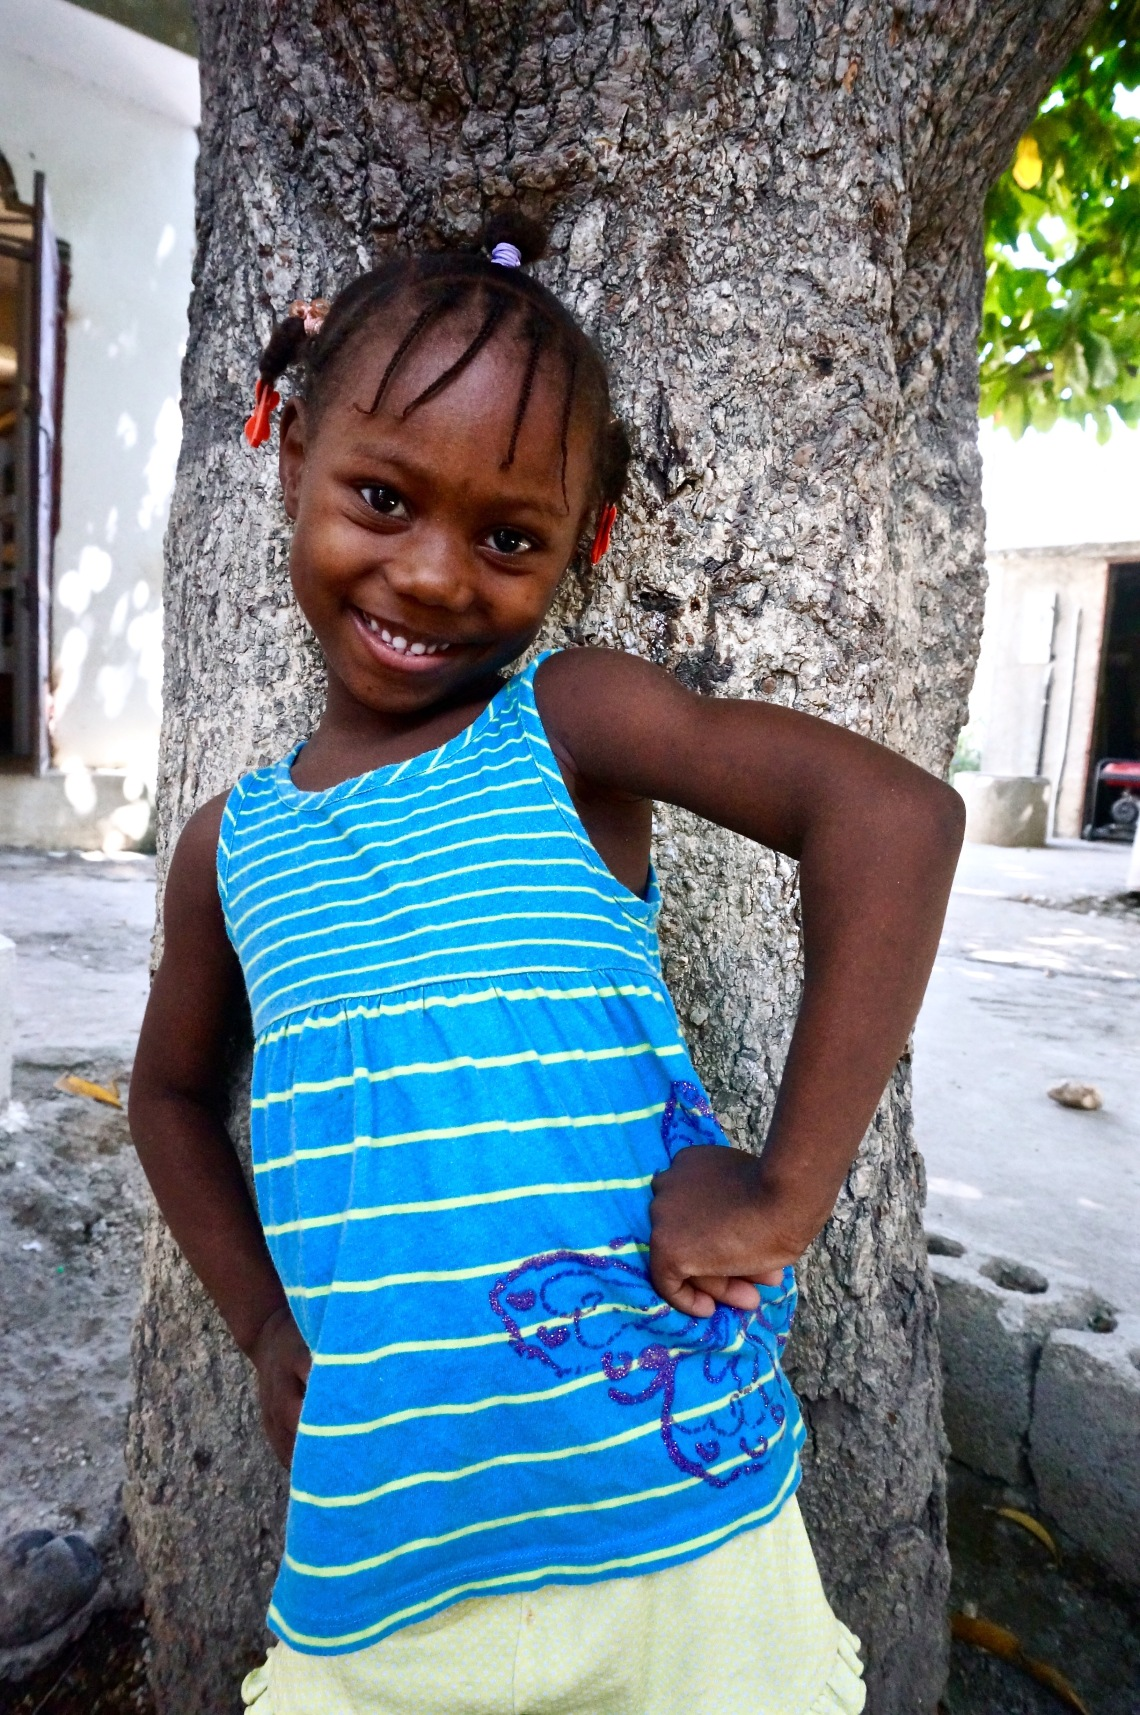 Dina. Born: 9.28.2010